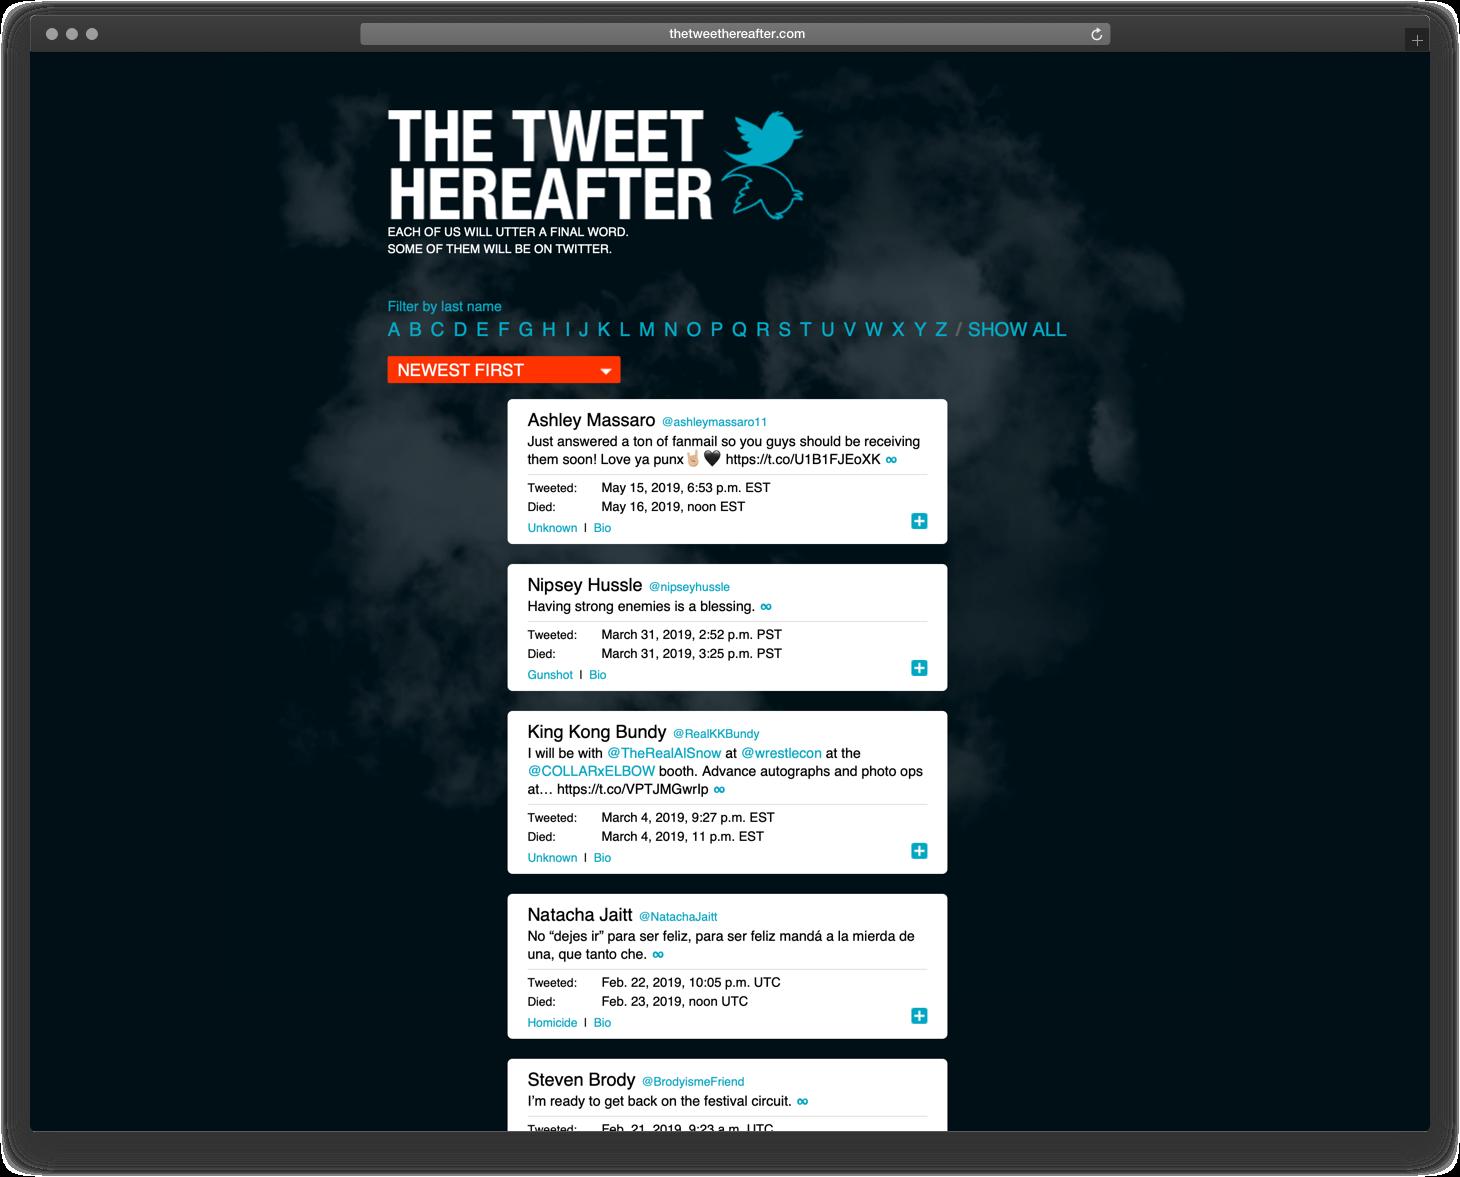 The Tweet Hereafter